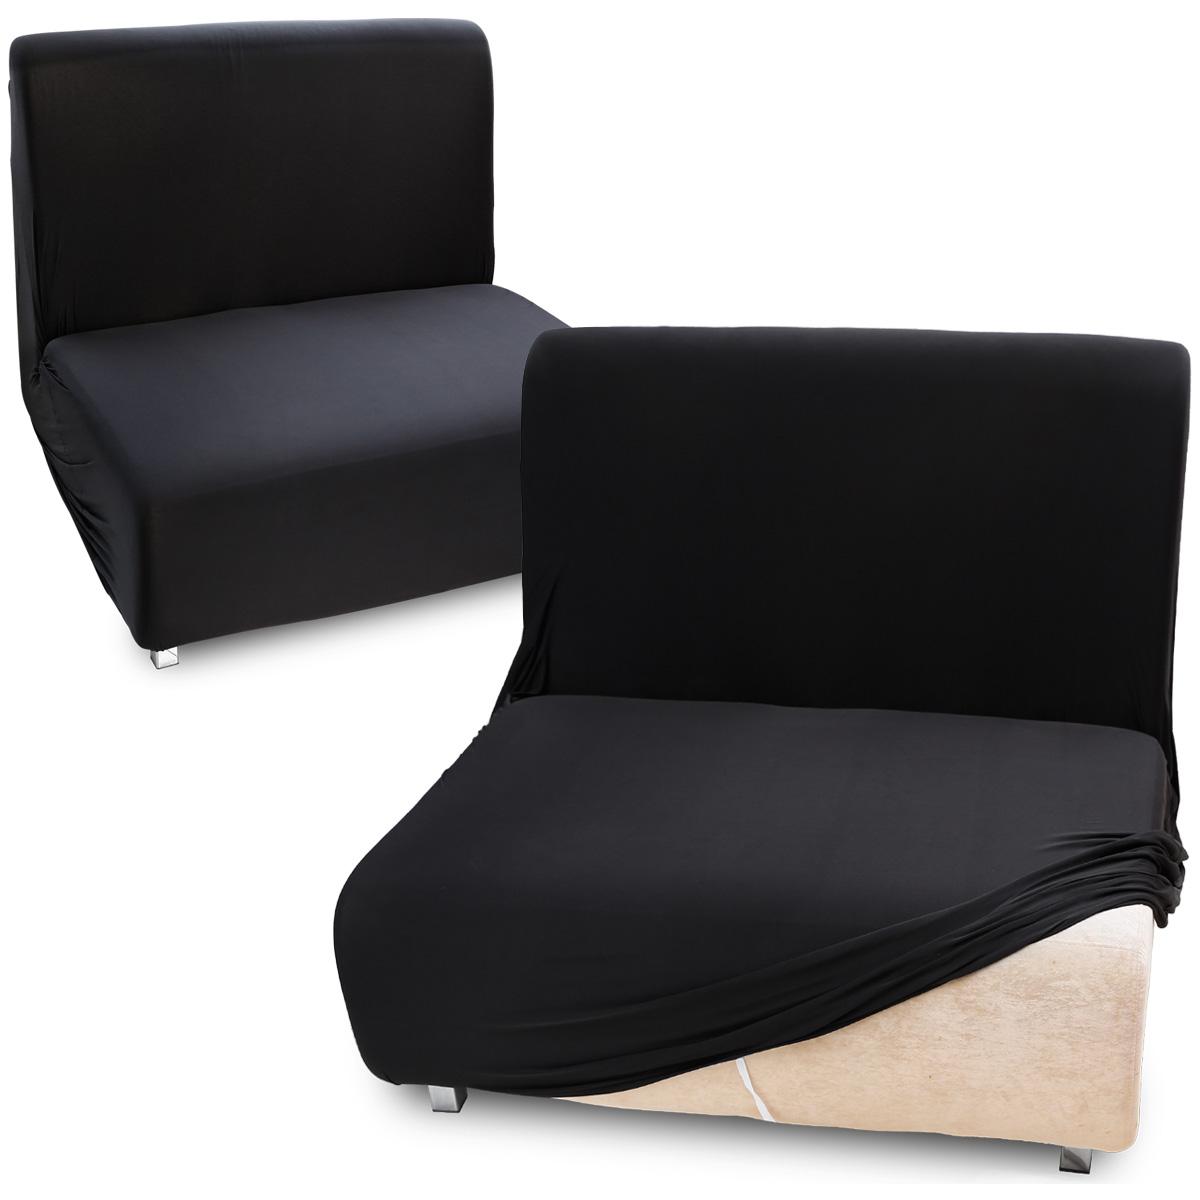 1 3 sitzer sofahusse sofabezug sesselbezug sessel berwurf sofa husse m belschutz ebay. Black Bedroom Furniture Sets. Home Design Ideas